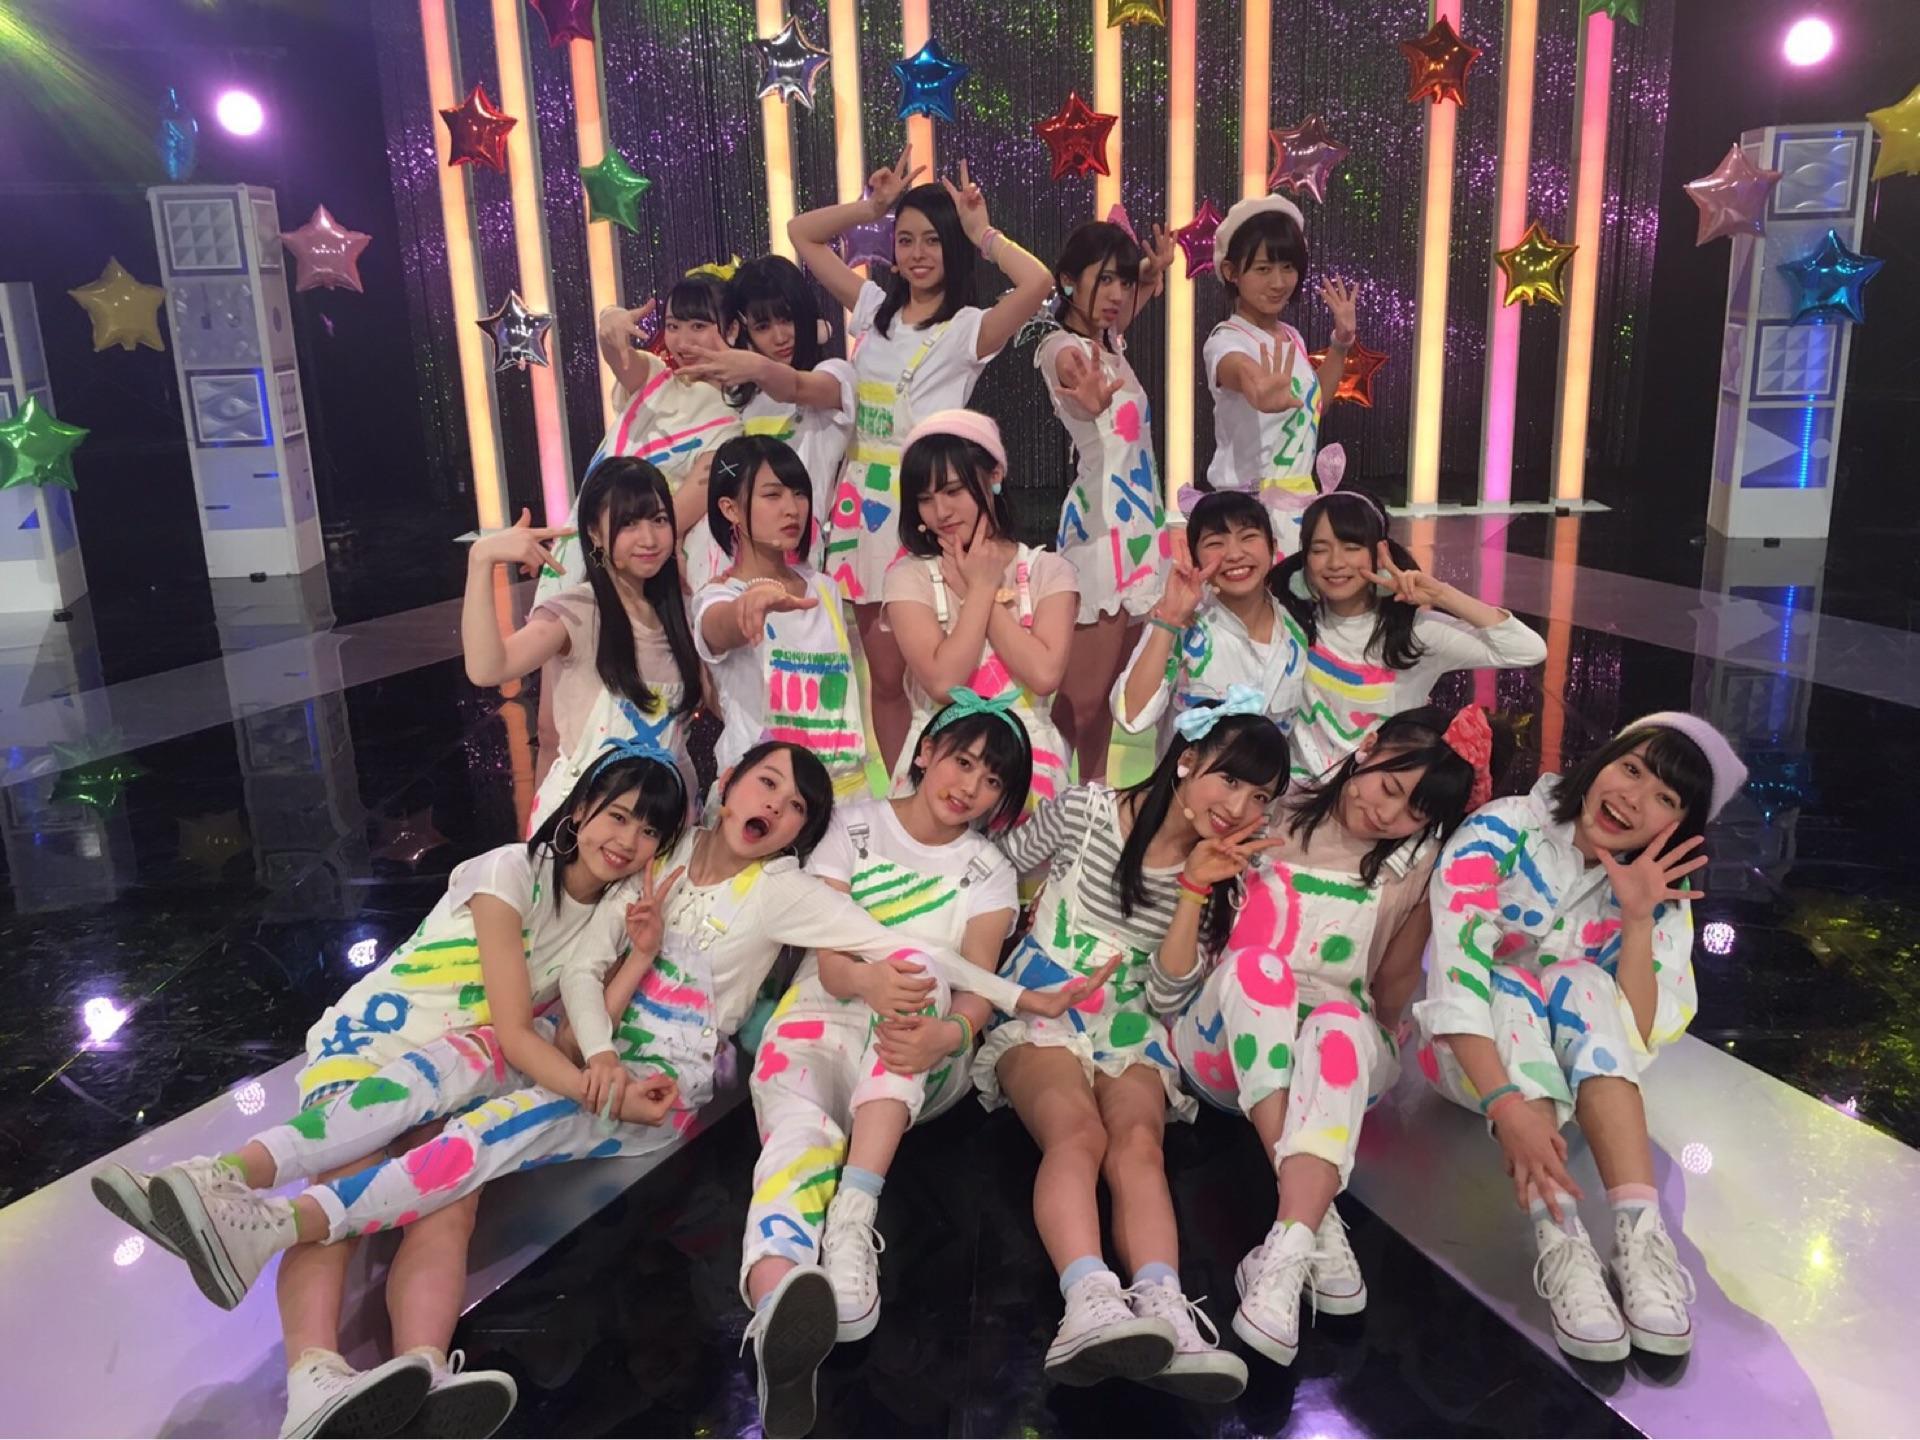 【AKB48チーム8/チームK】中野郁海応援スレ☆36【いくみん】©2ch.netYouTube動画>91本 ->画像>78枚